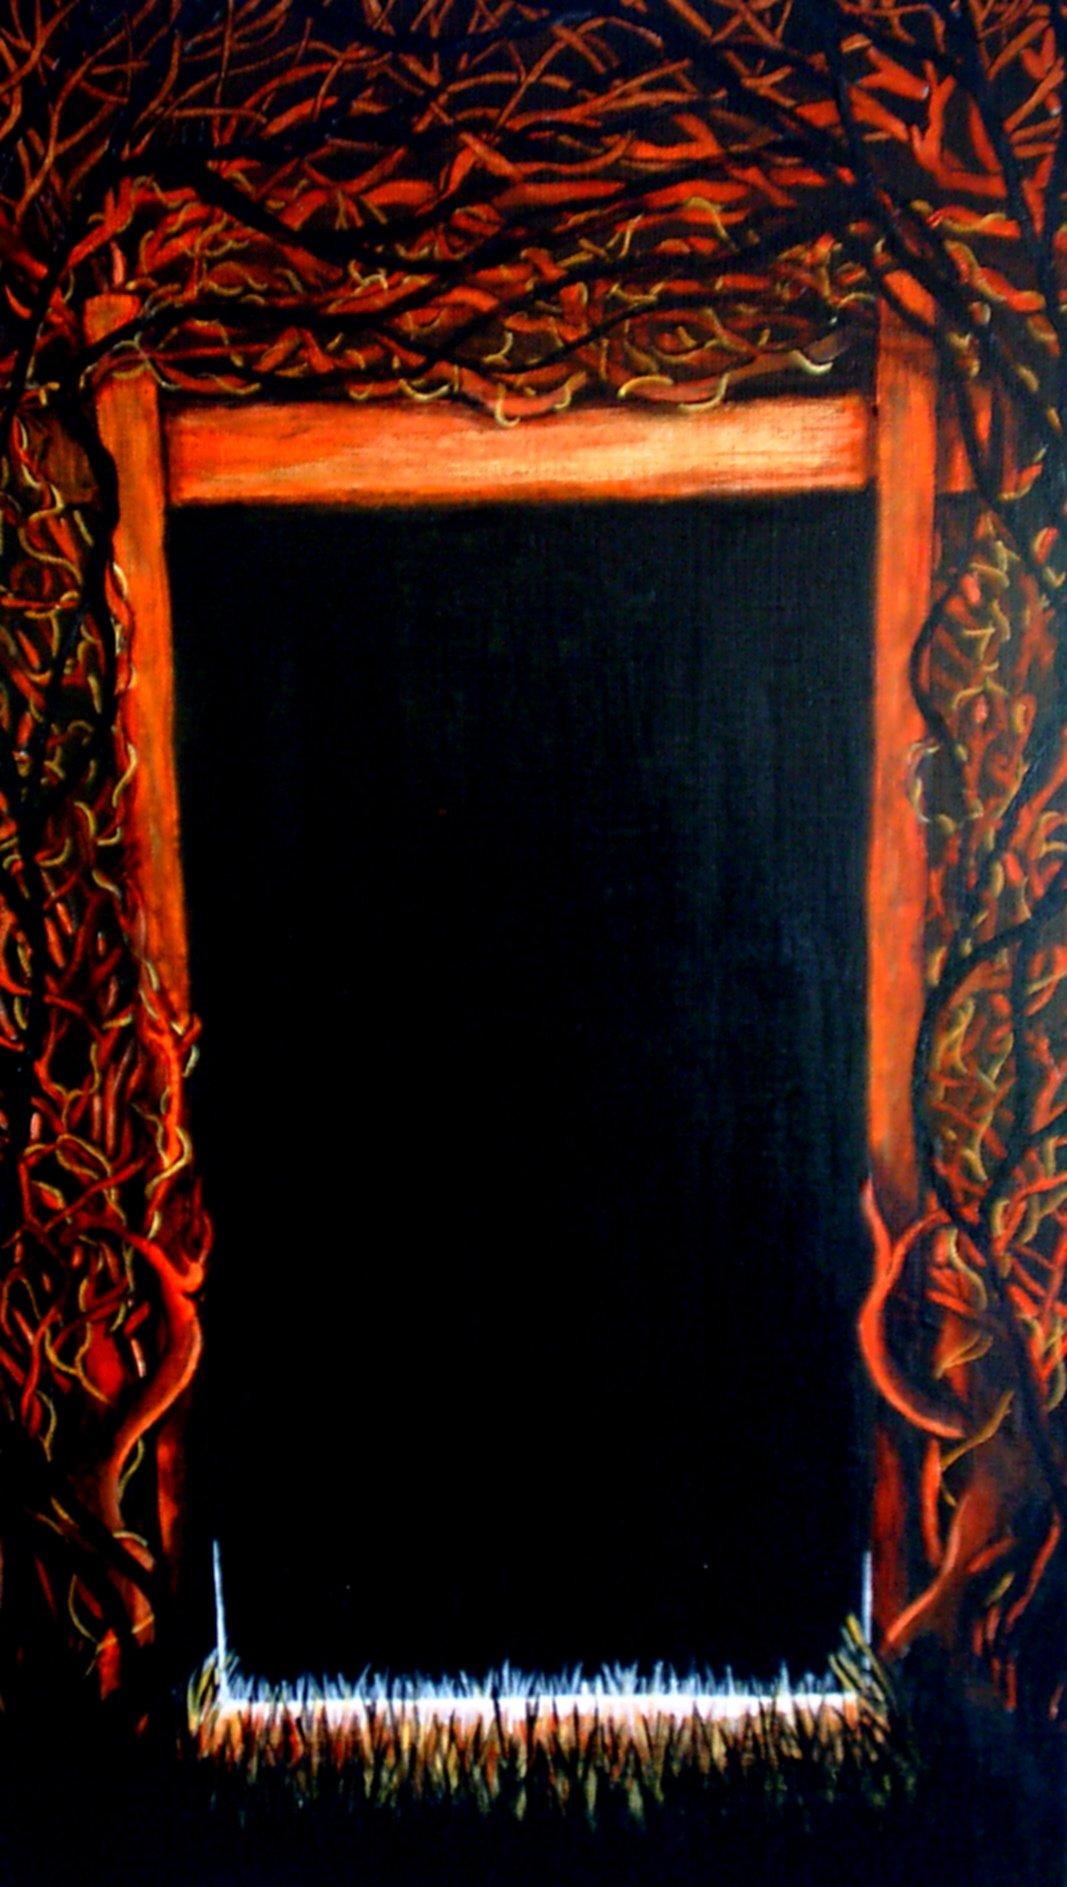 le rideau noir